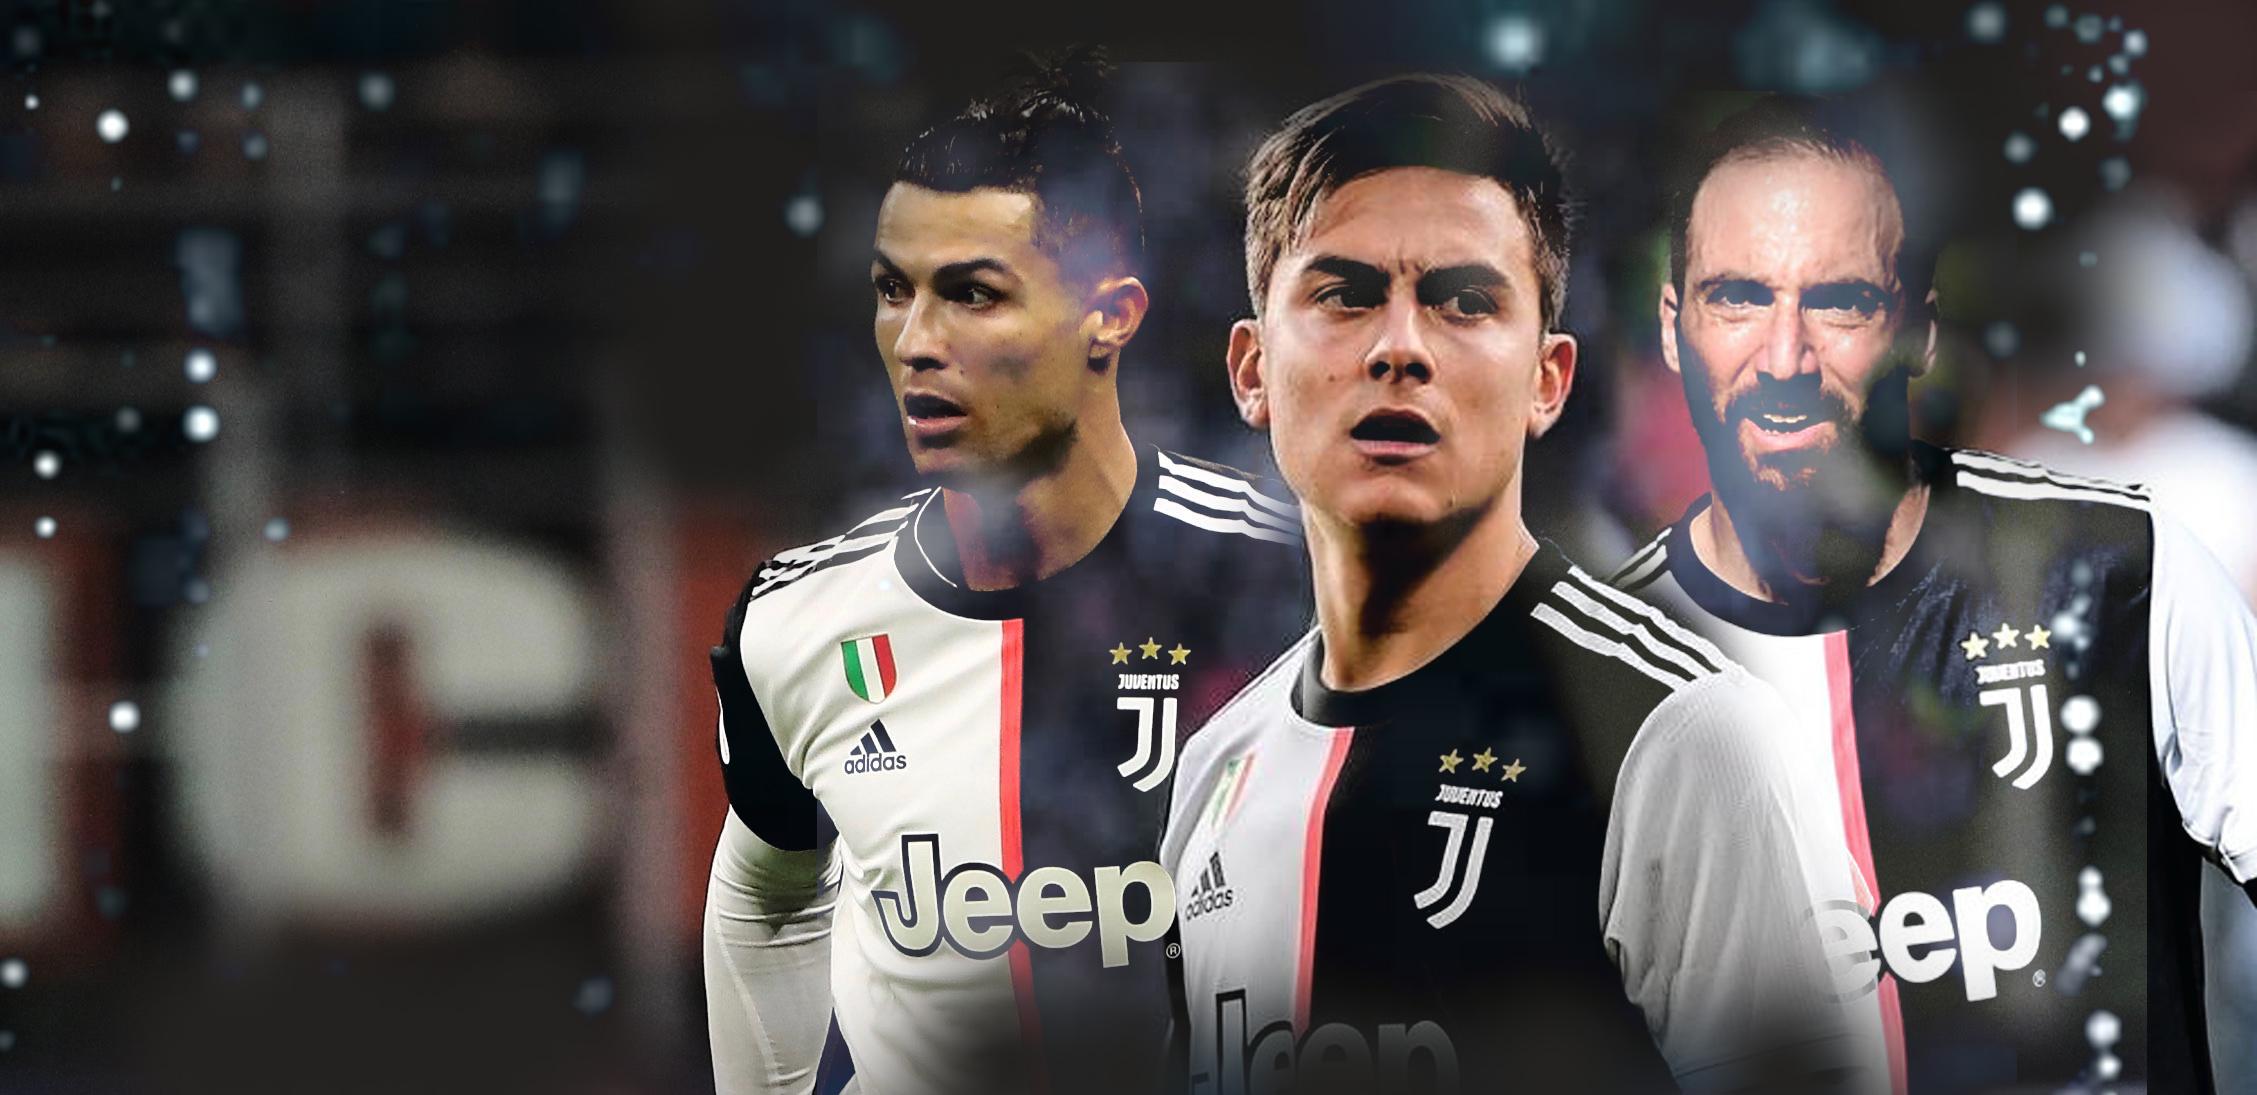 Caos Juventus: che succede?